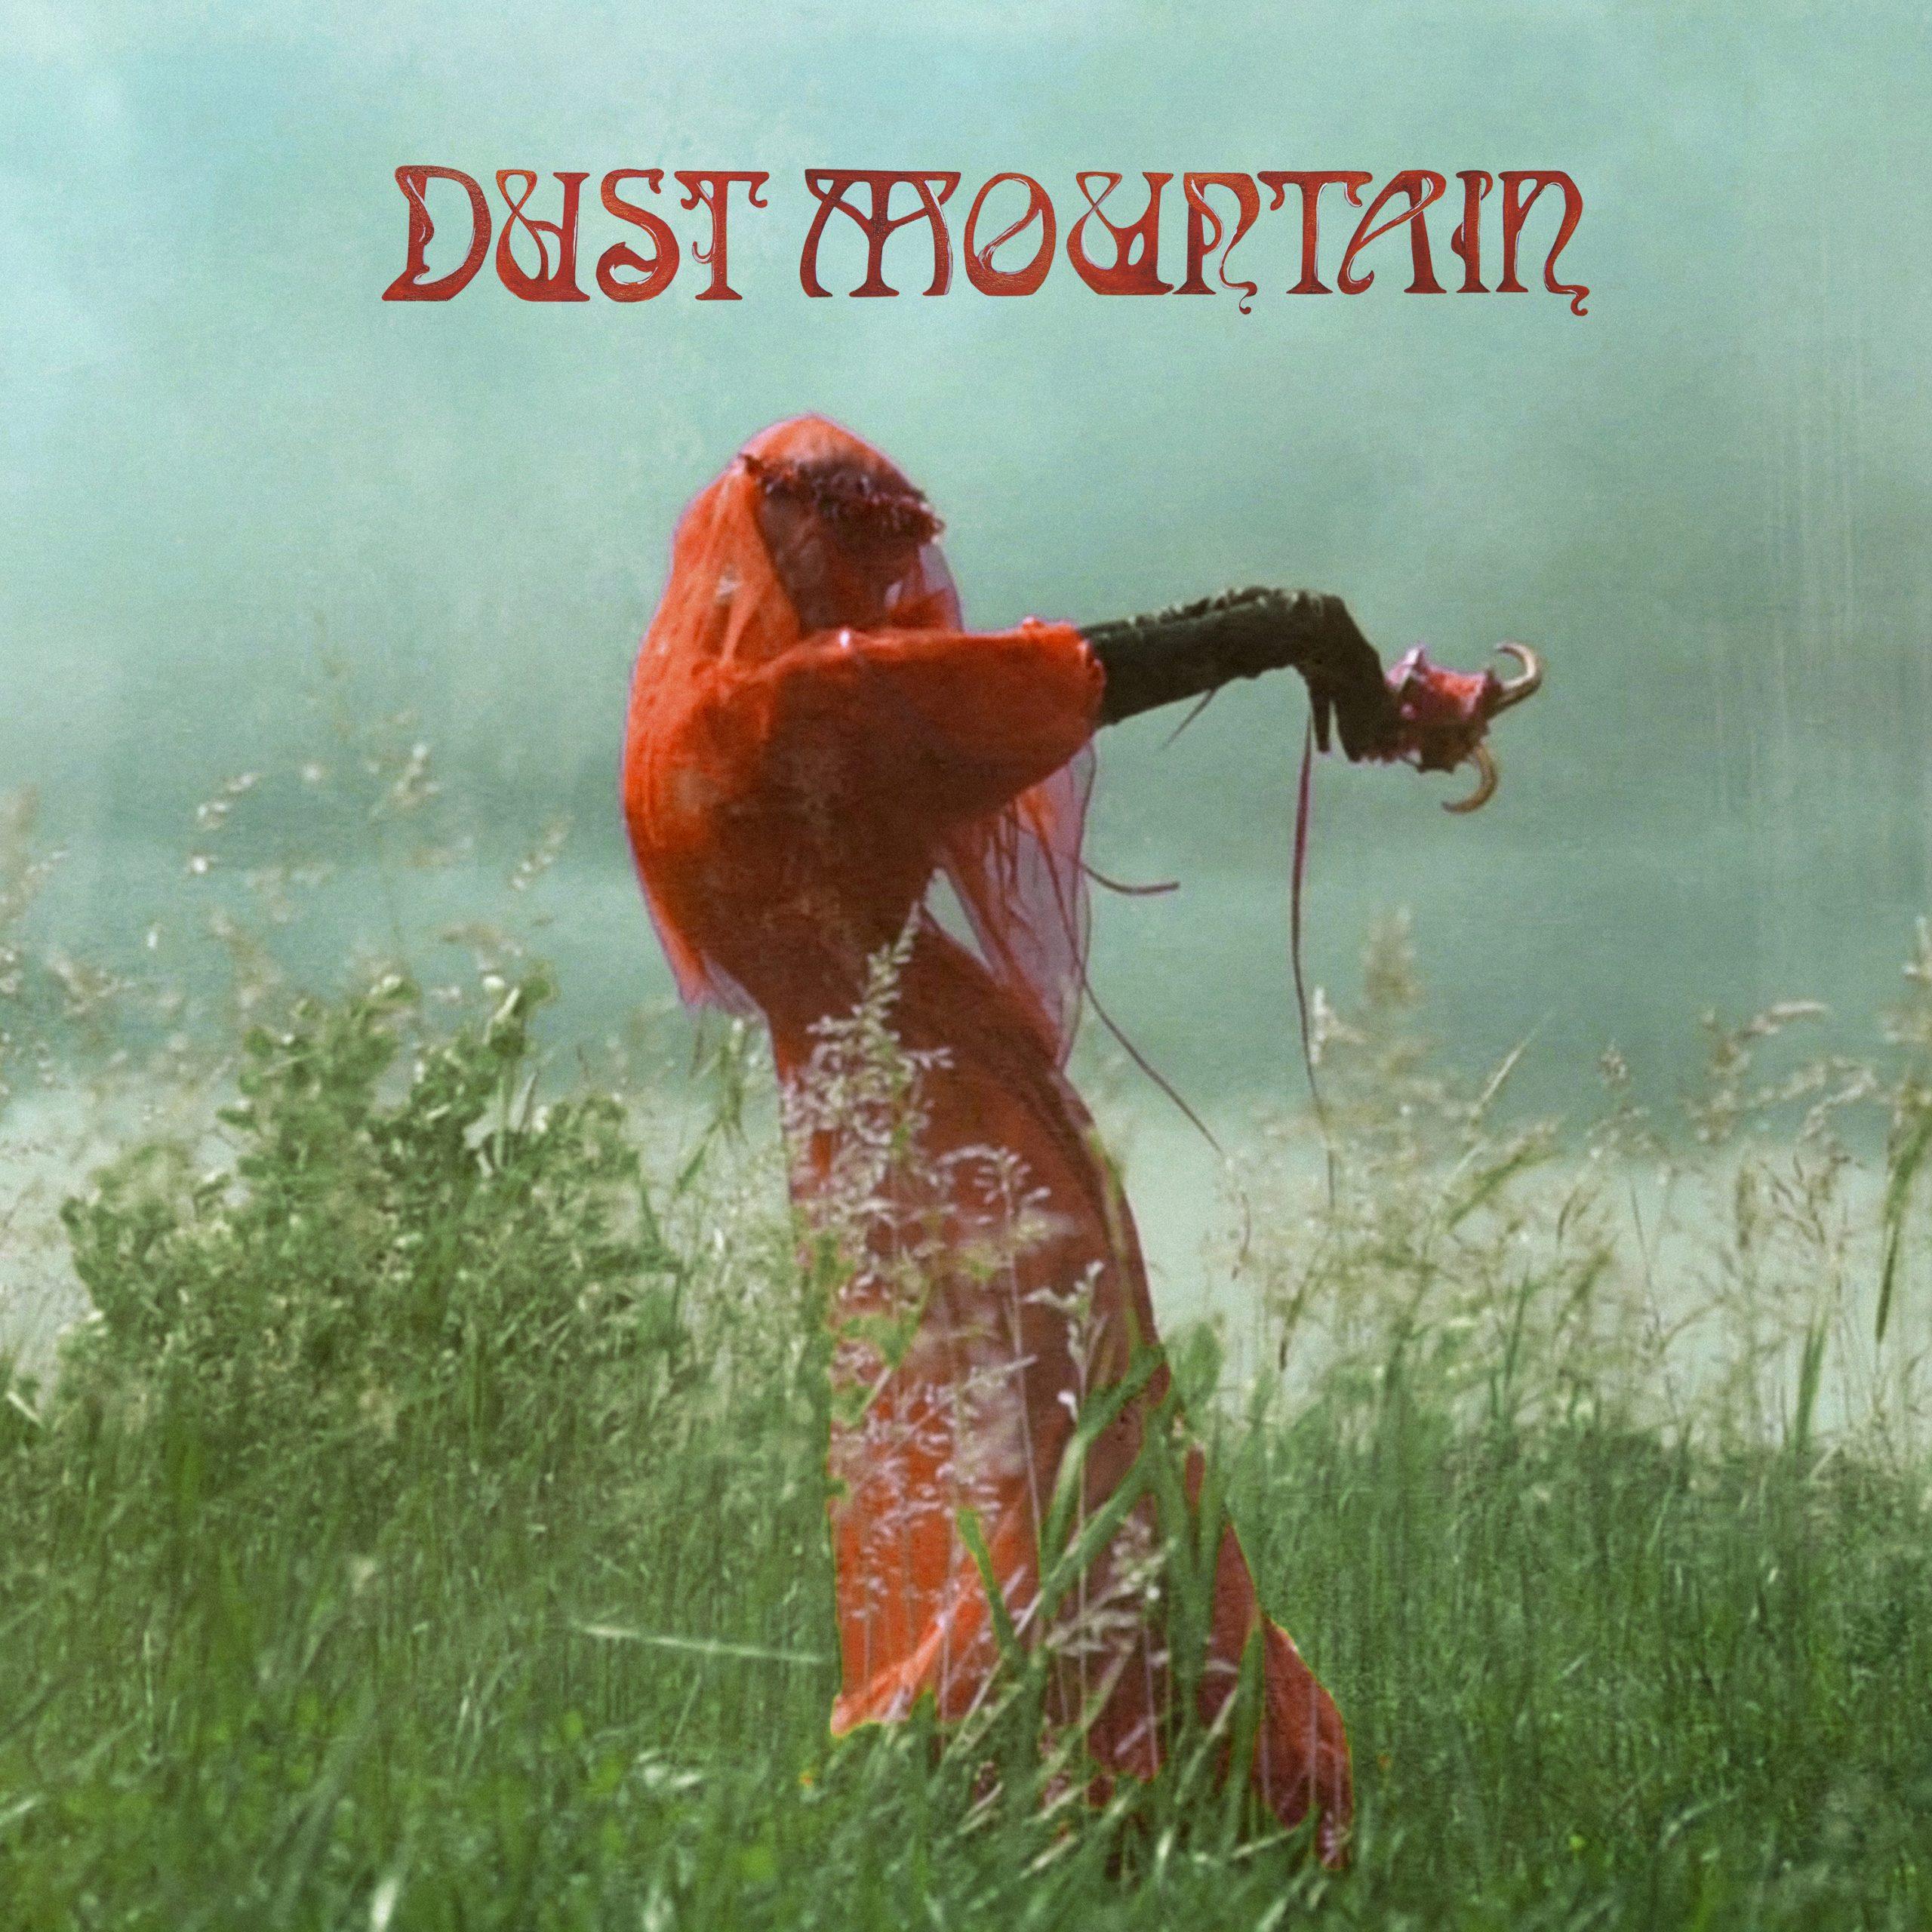 dust mountain